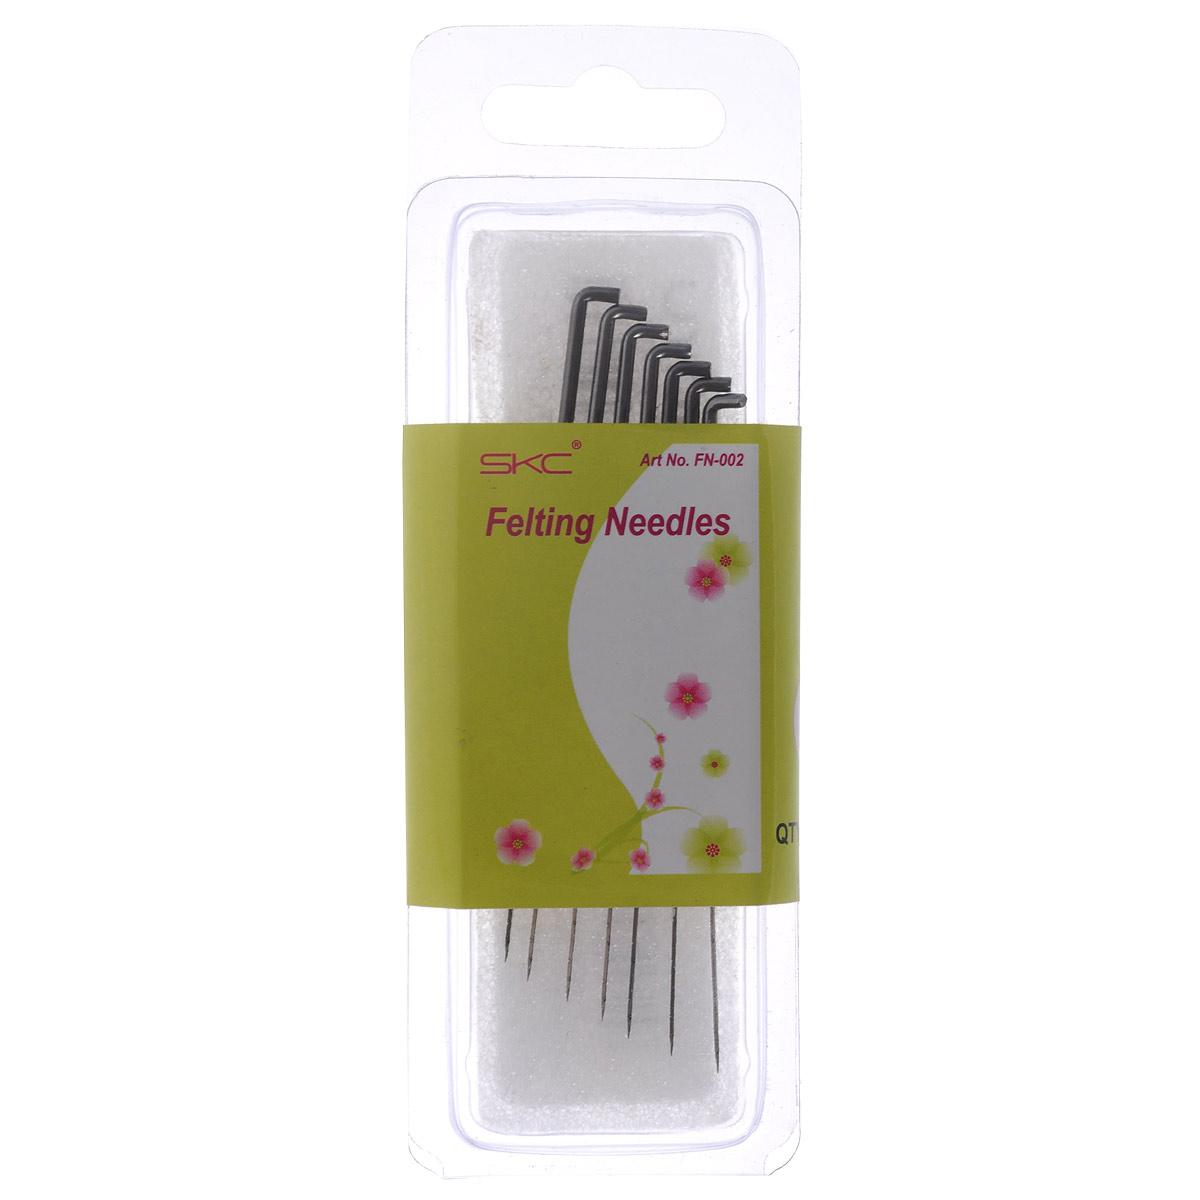 Набор сменных игл для фелтинга SKC, №40, 7 шт677245Набор сменных игл для фелтинга SKC выполнены из высококачественной стали. Эти иглы цепляются за волокна шерсти и проталкивают их внутрь ткани. Волокна шерсти прочно закрепляются естественным образом, позволяя обойтись без клея и швов. Иглы имеют насечки, которые позволяют перепутывать и уплотнять волокна шерсти, чем и достигается эффект валяния.